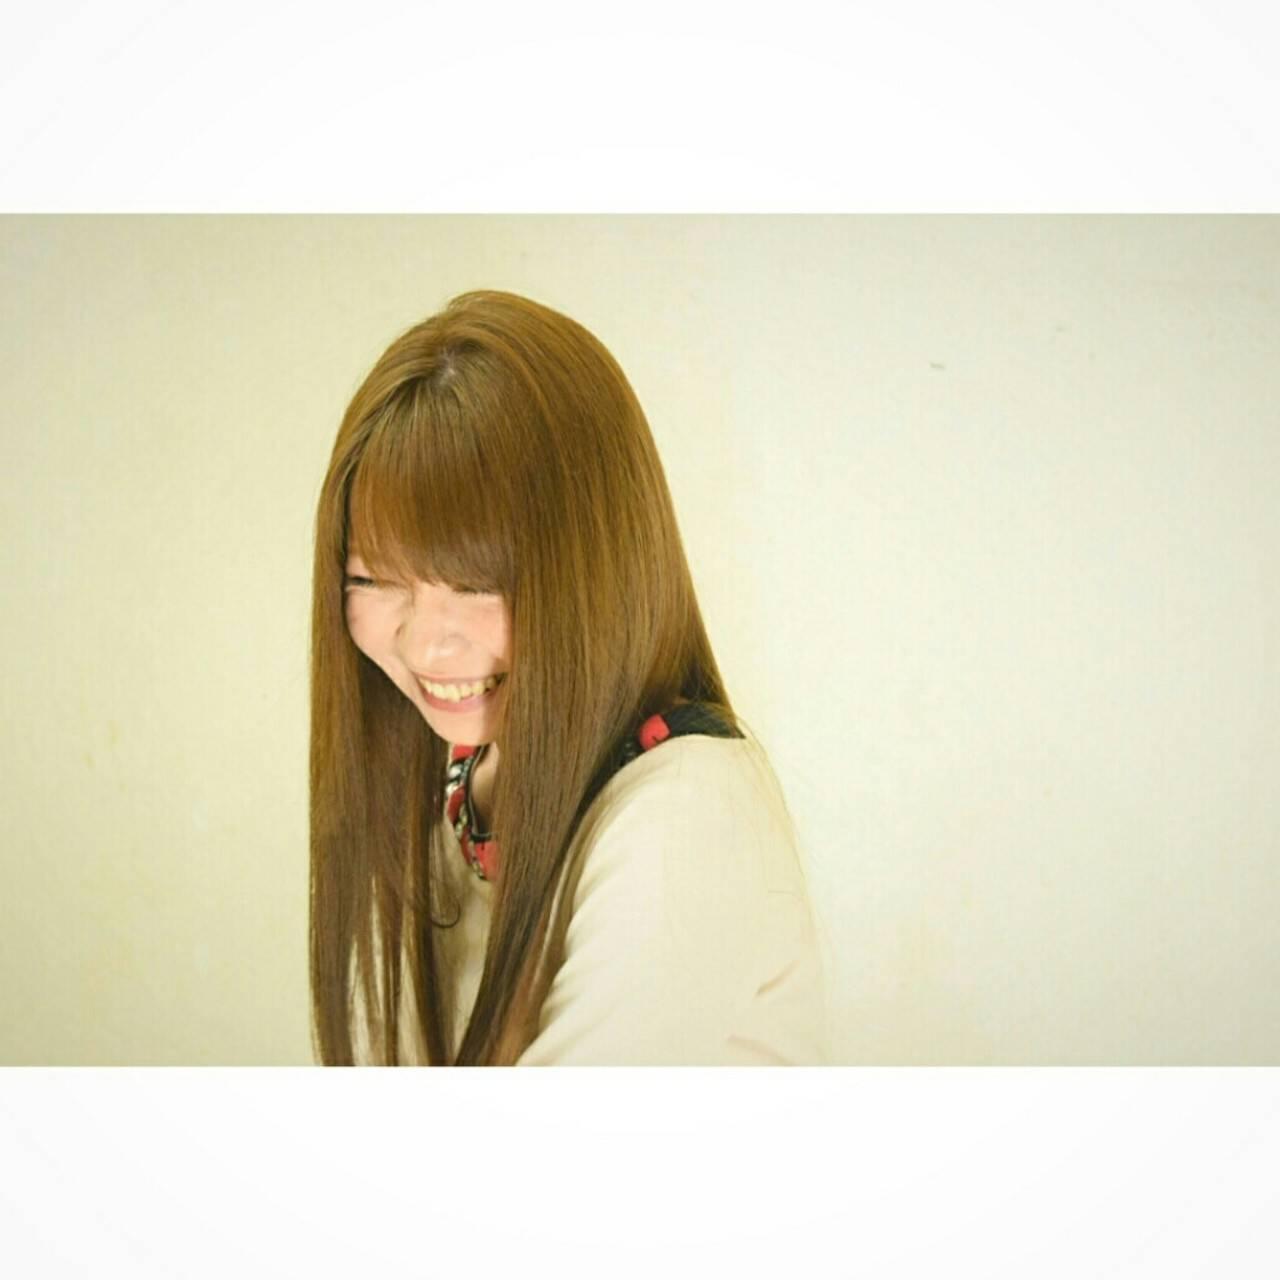 大人かわいい セミロング かわいい ロングヘアスタイルや髪型の写真・画像